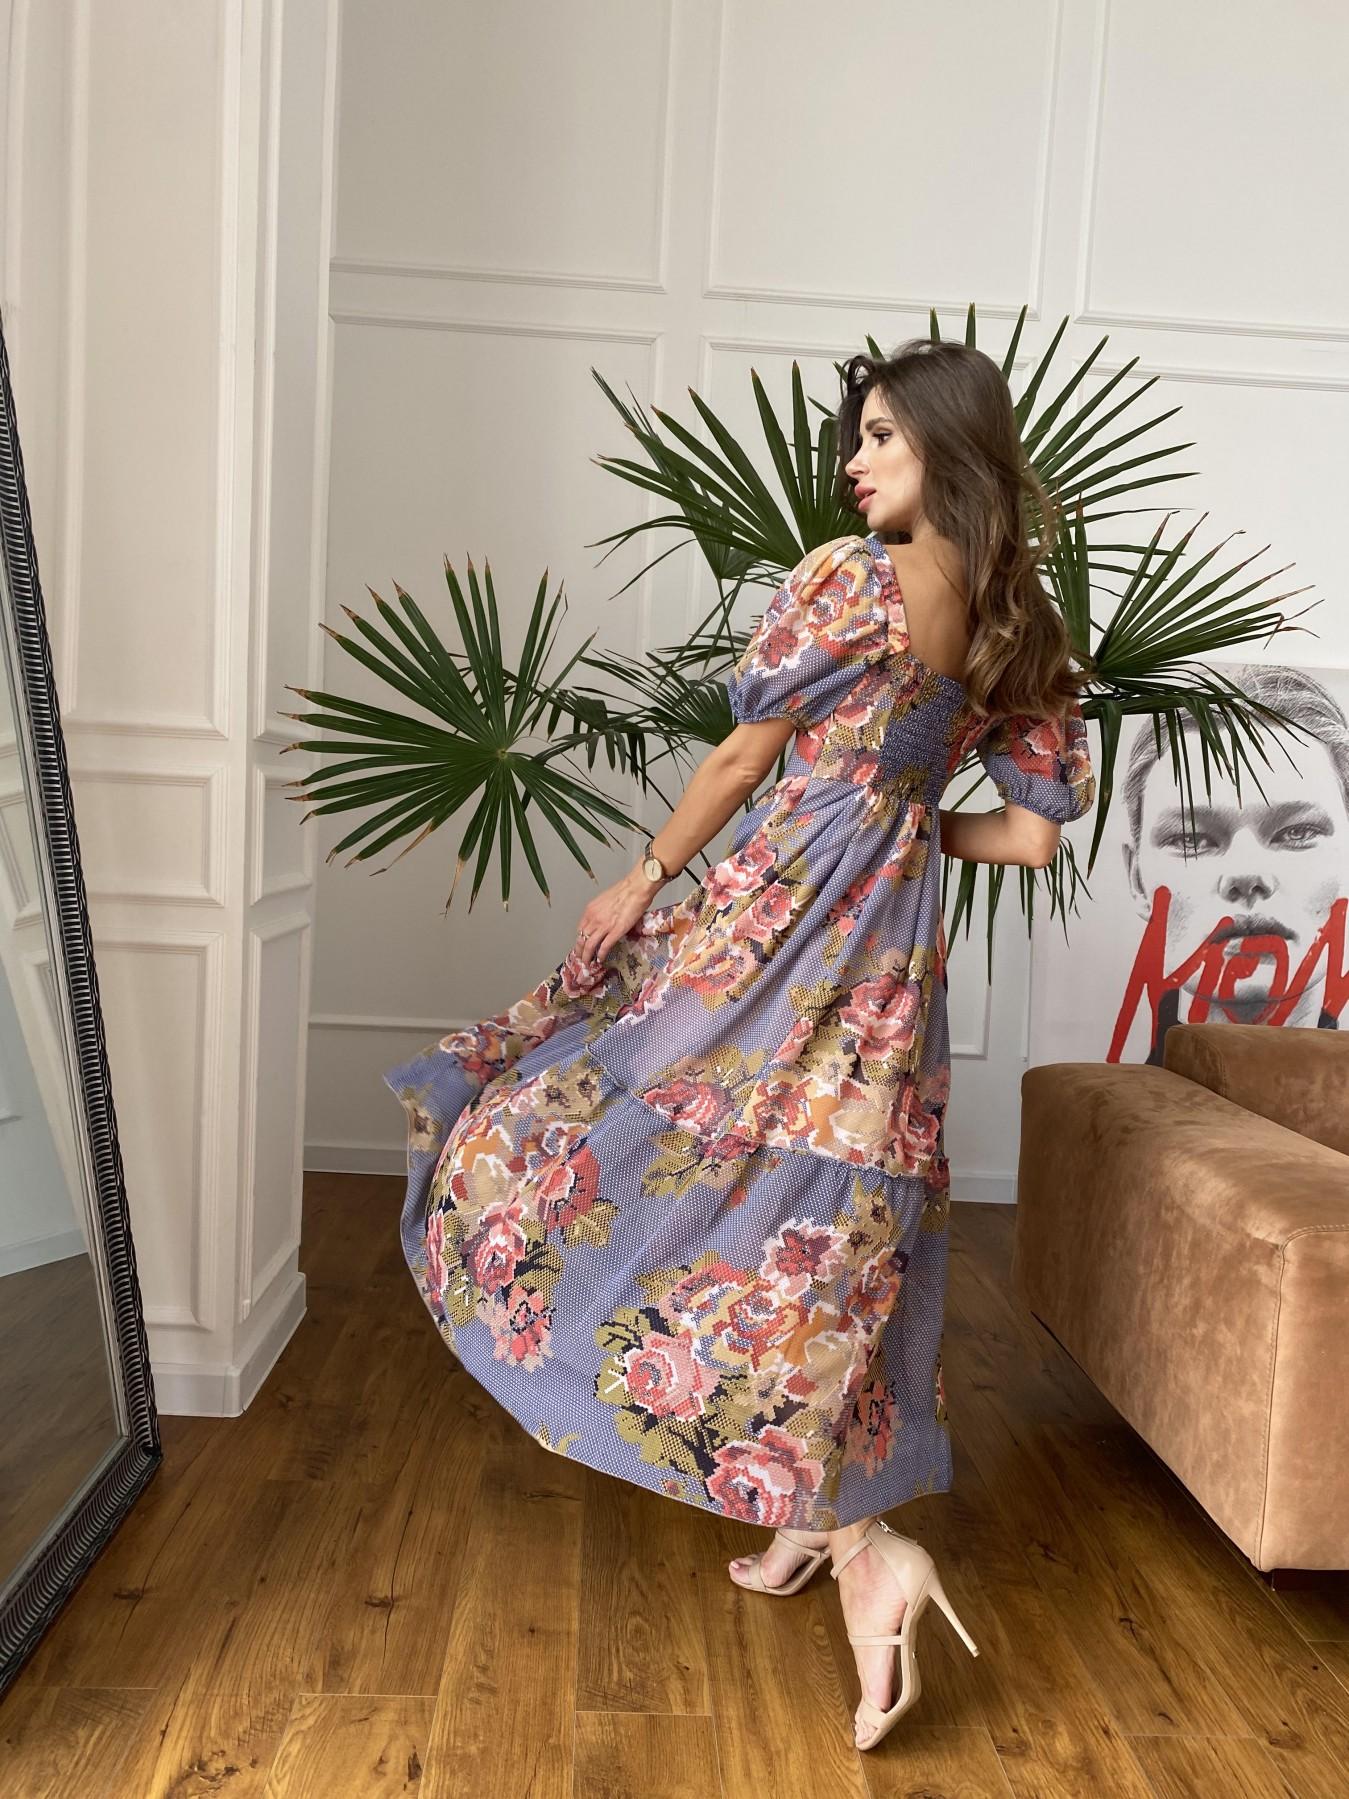 Лоретта платье из шифона в принт 11468 АРТ. 48251 Цвет: Т.син/беж вышивка - фото 6, интернет магазин tm-modus.ru